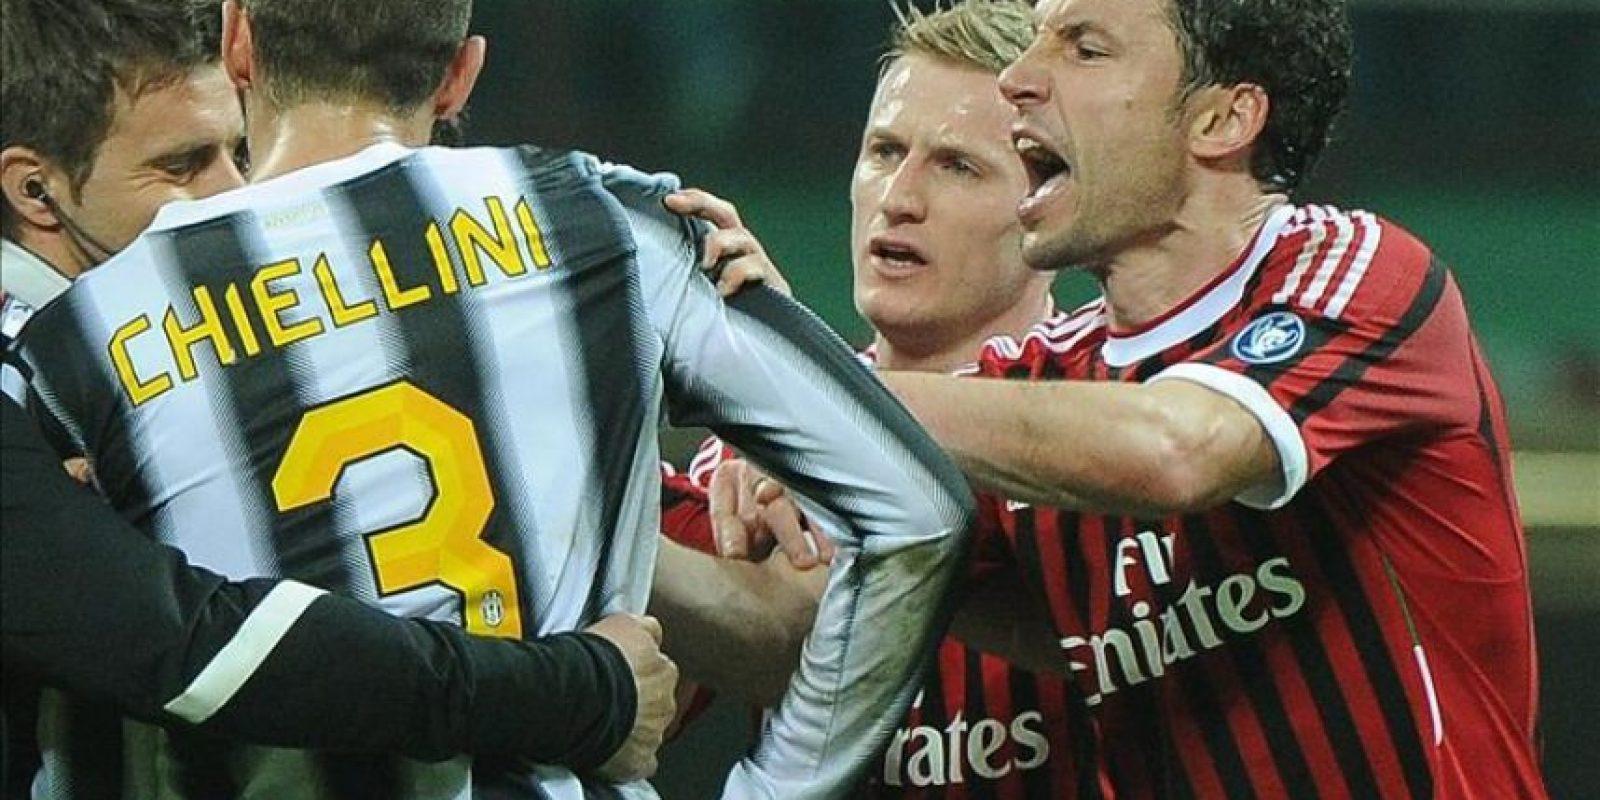 El jugador del Milán Mark Van Bommel (d) discute con Giorgio Chiellini (i) de la Juventus durante el partido de la Serie A italiana ante la Juventus en el estadio Giuseppe Meazza de Milán (Italia). El juego terminó 1-1. EFE